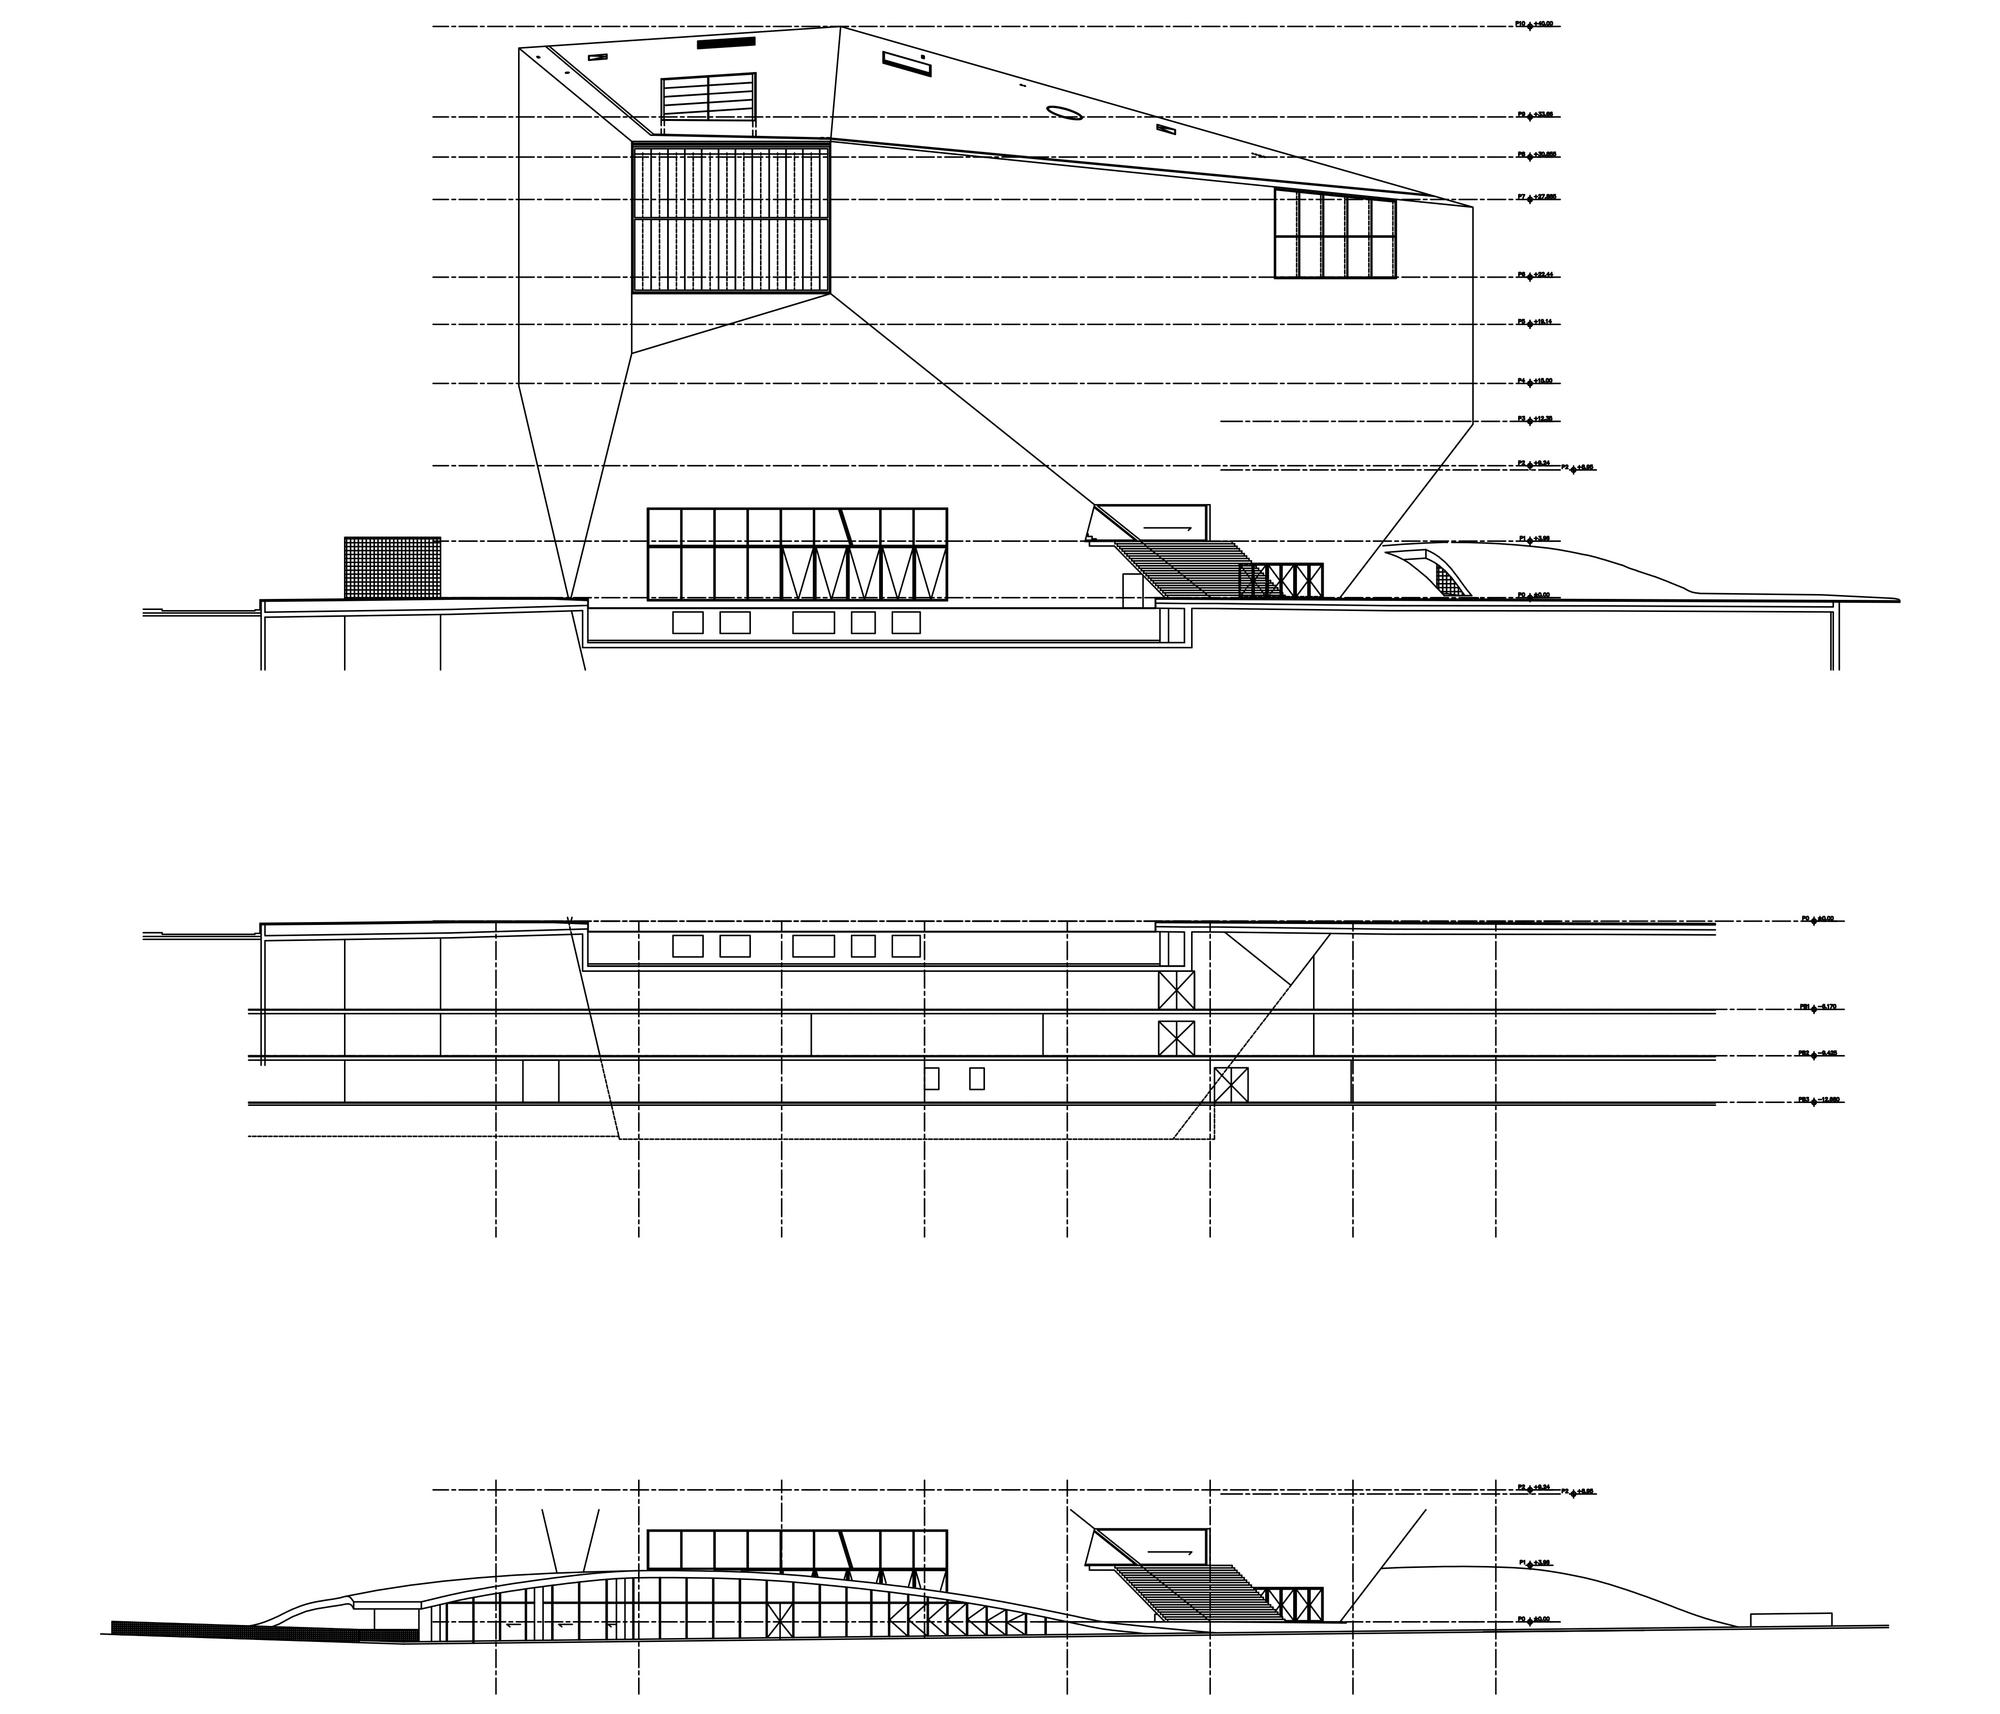 Casa da Musica / OMA (5)